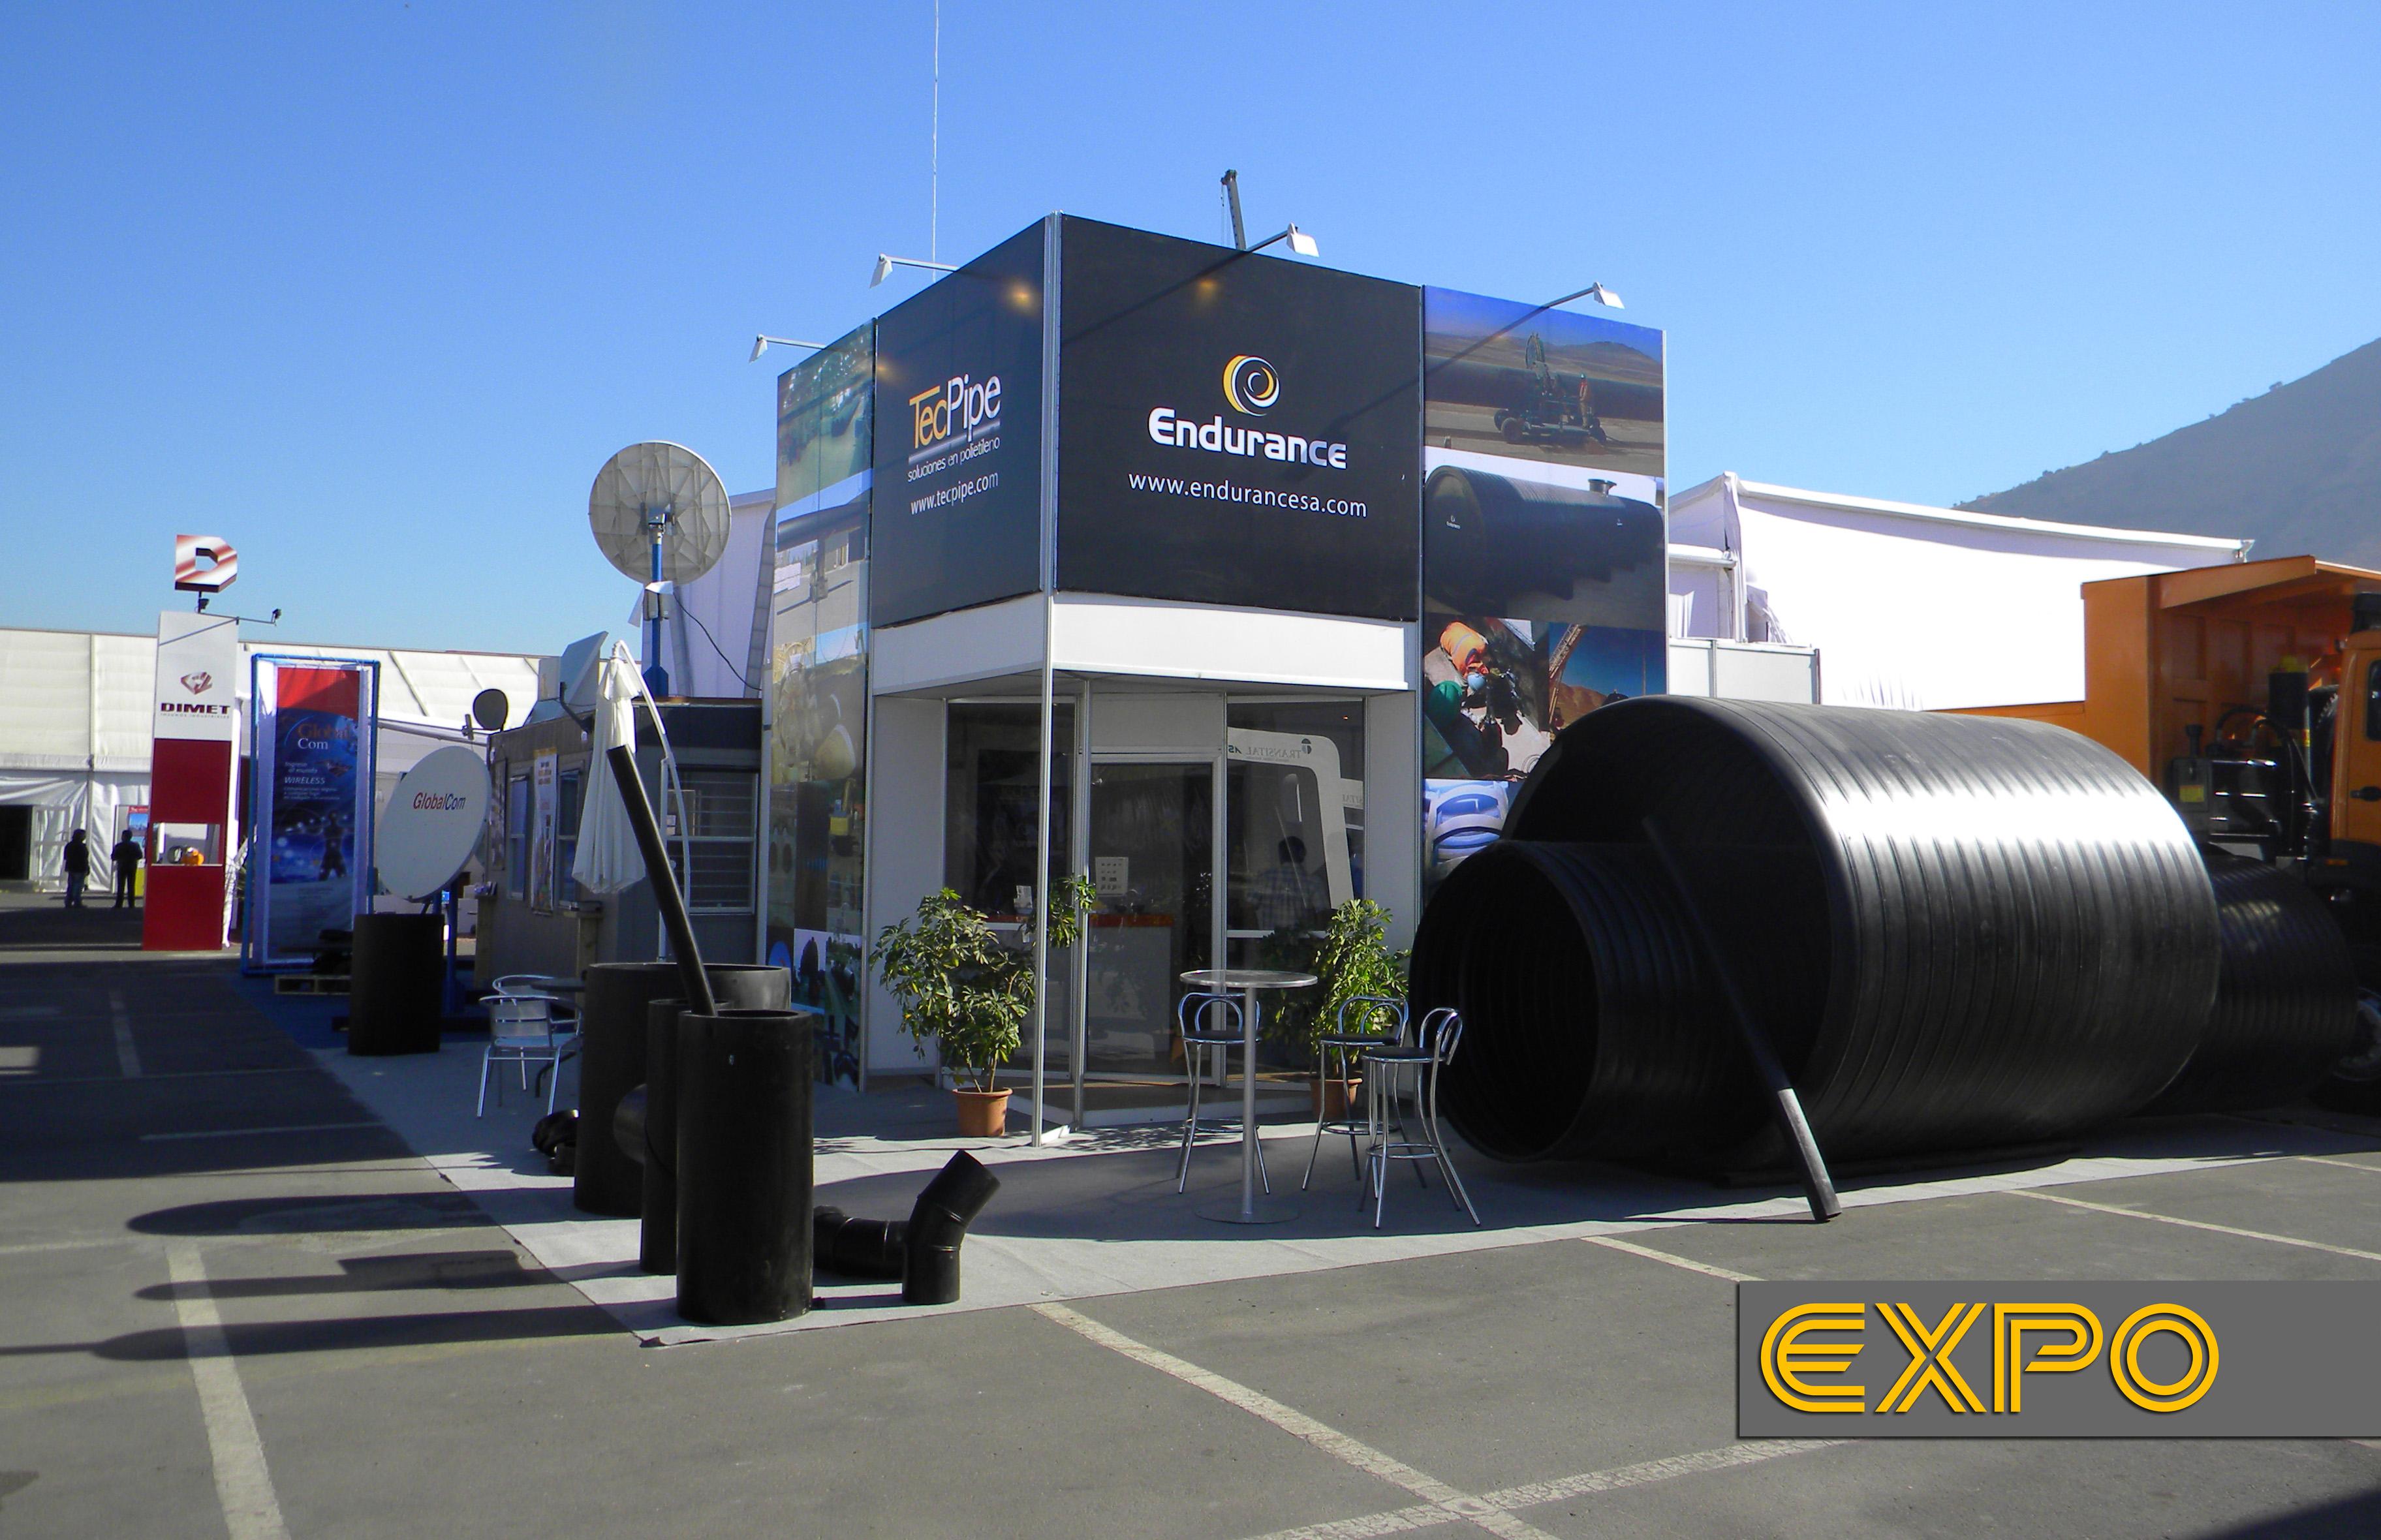 TecPipe - Expomin 2010